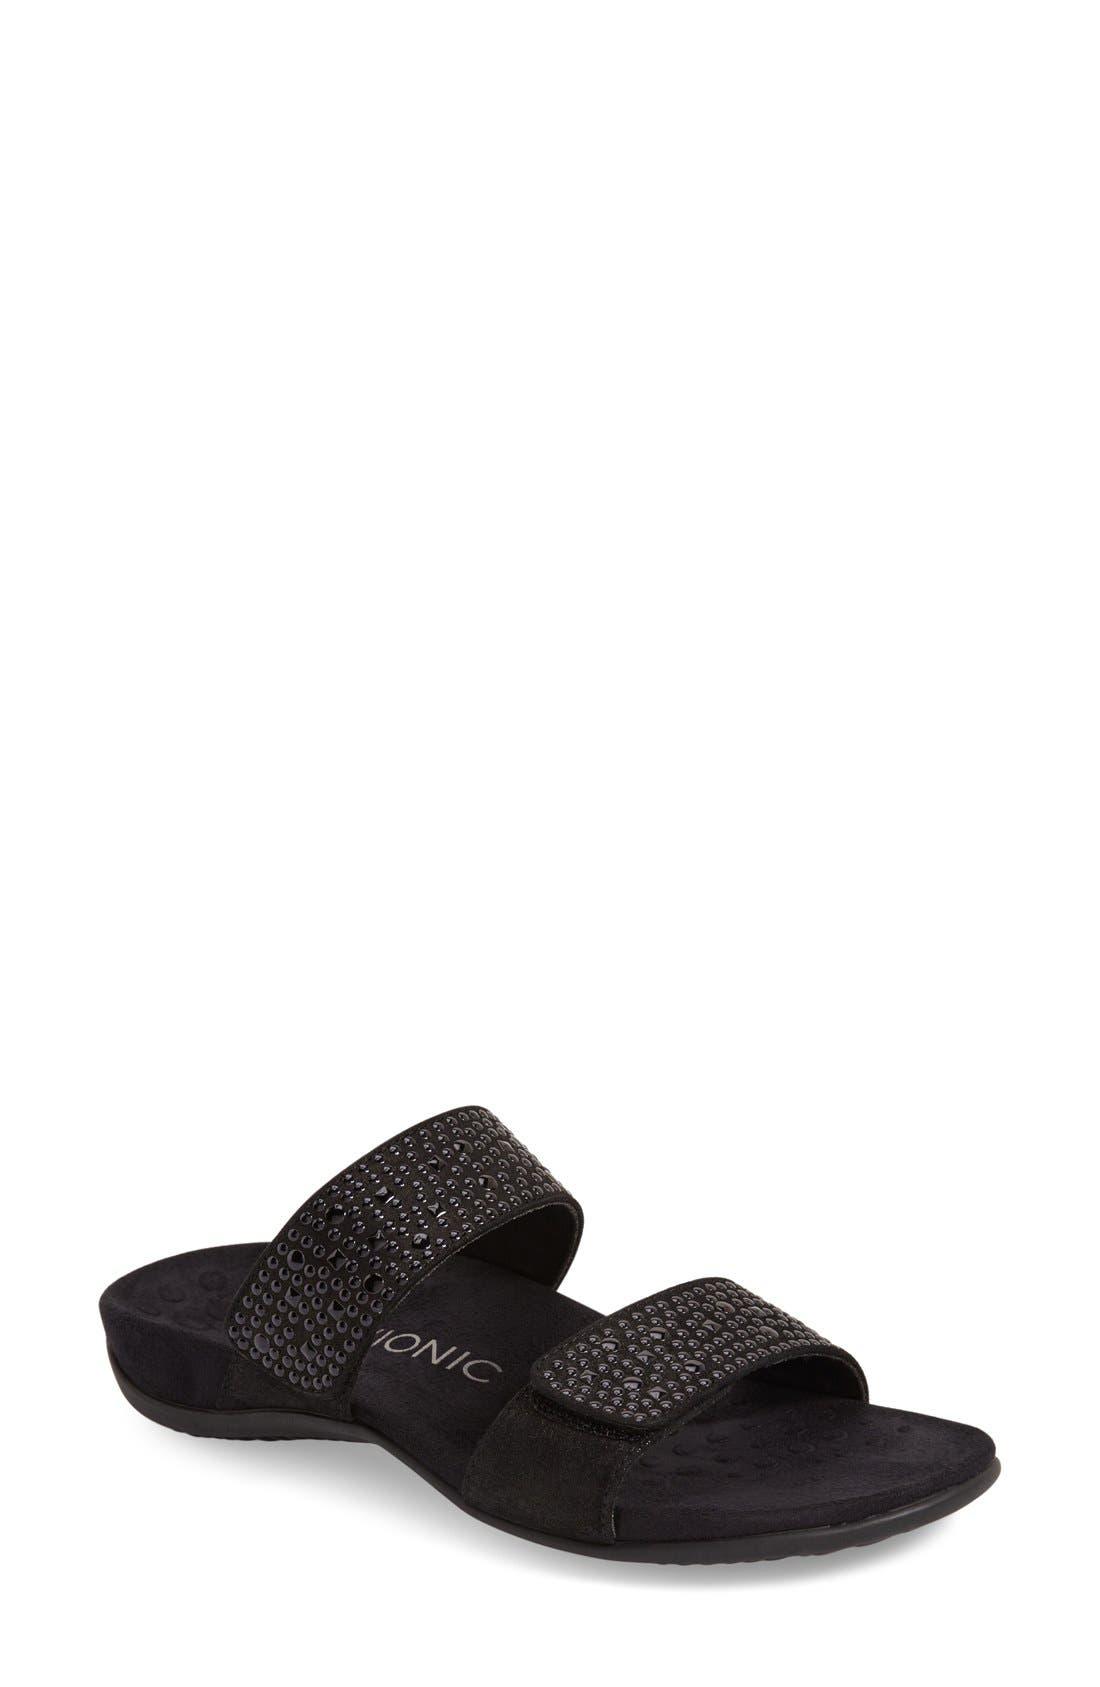 Alternate Image 1 Selected - Vionic 'Samoa' Sandal (Women)